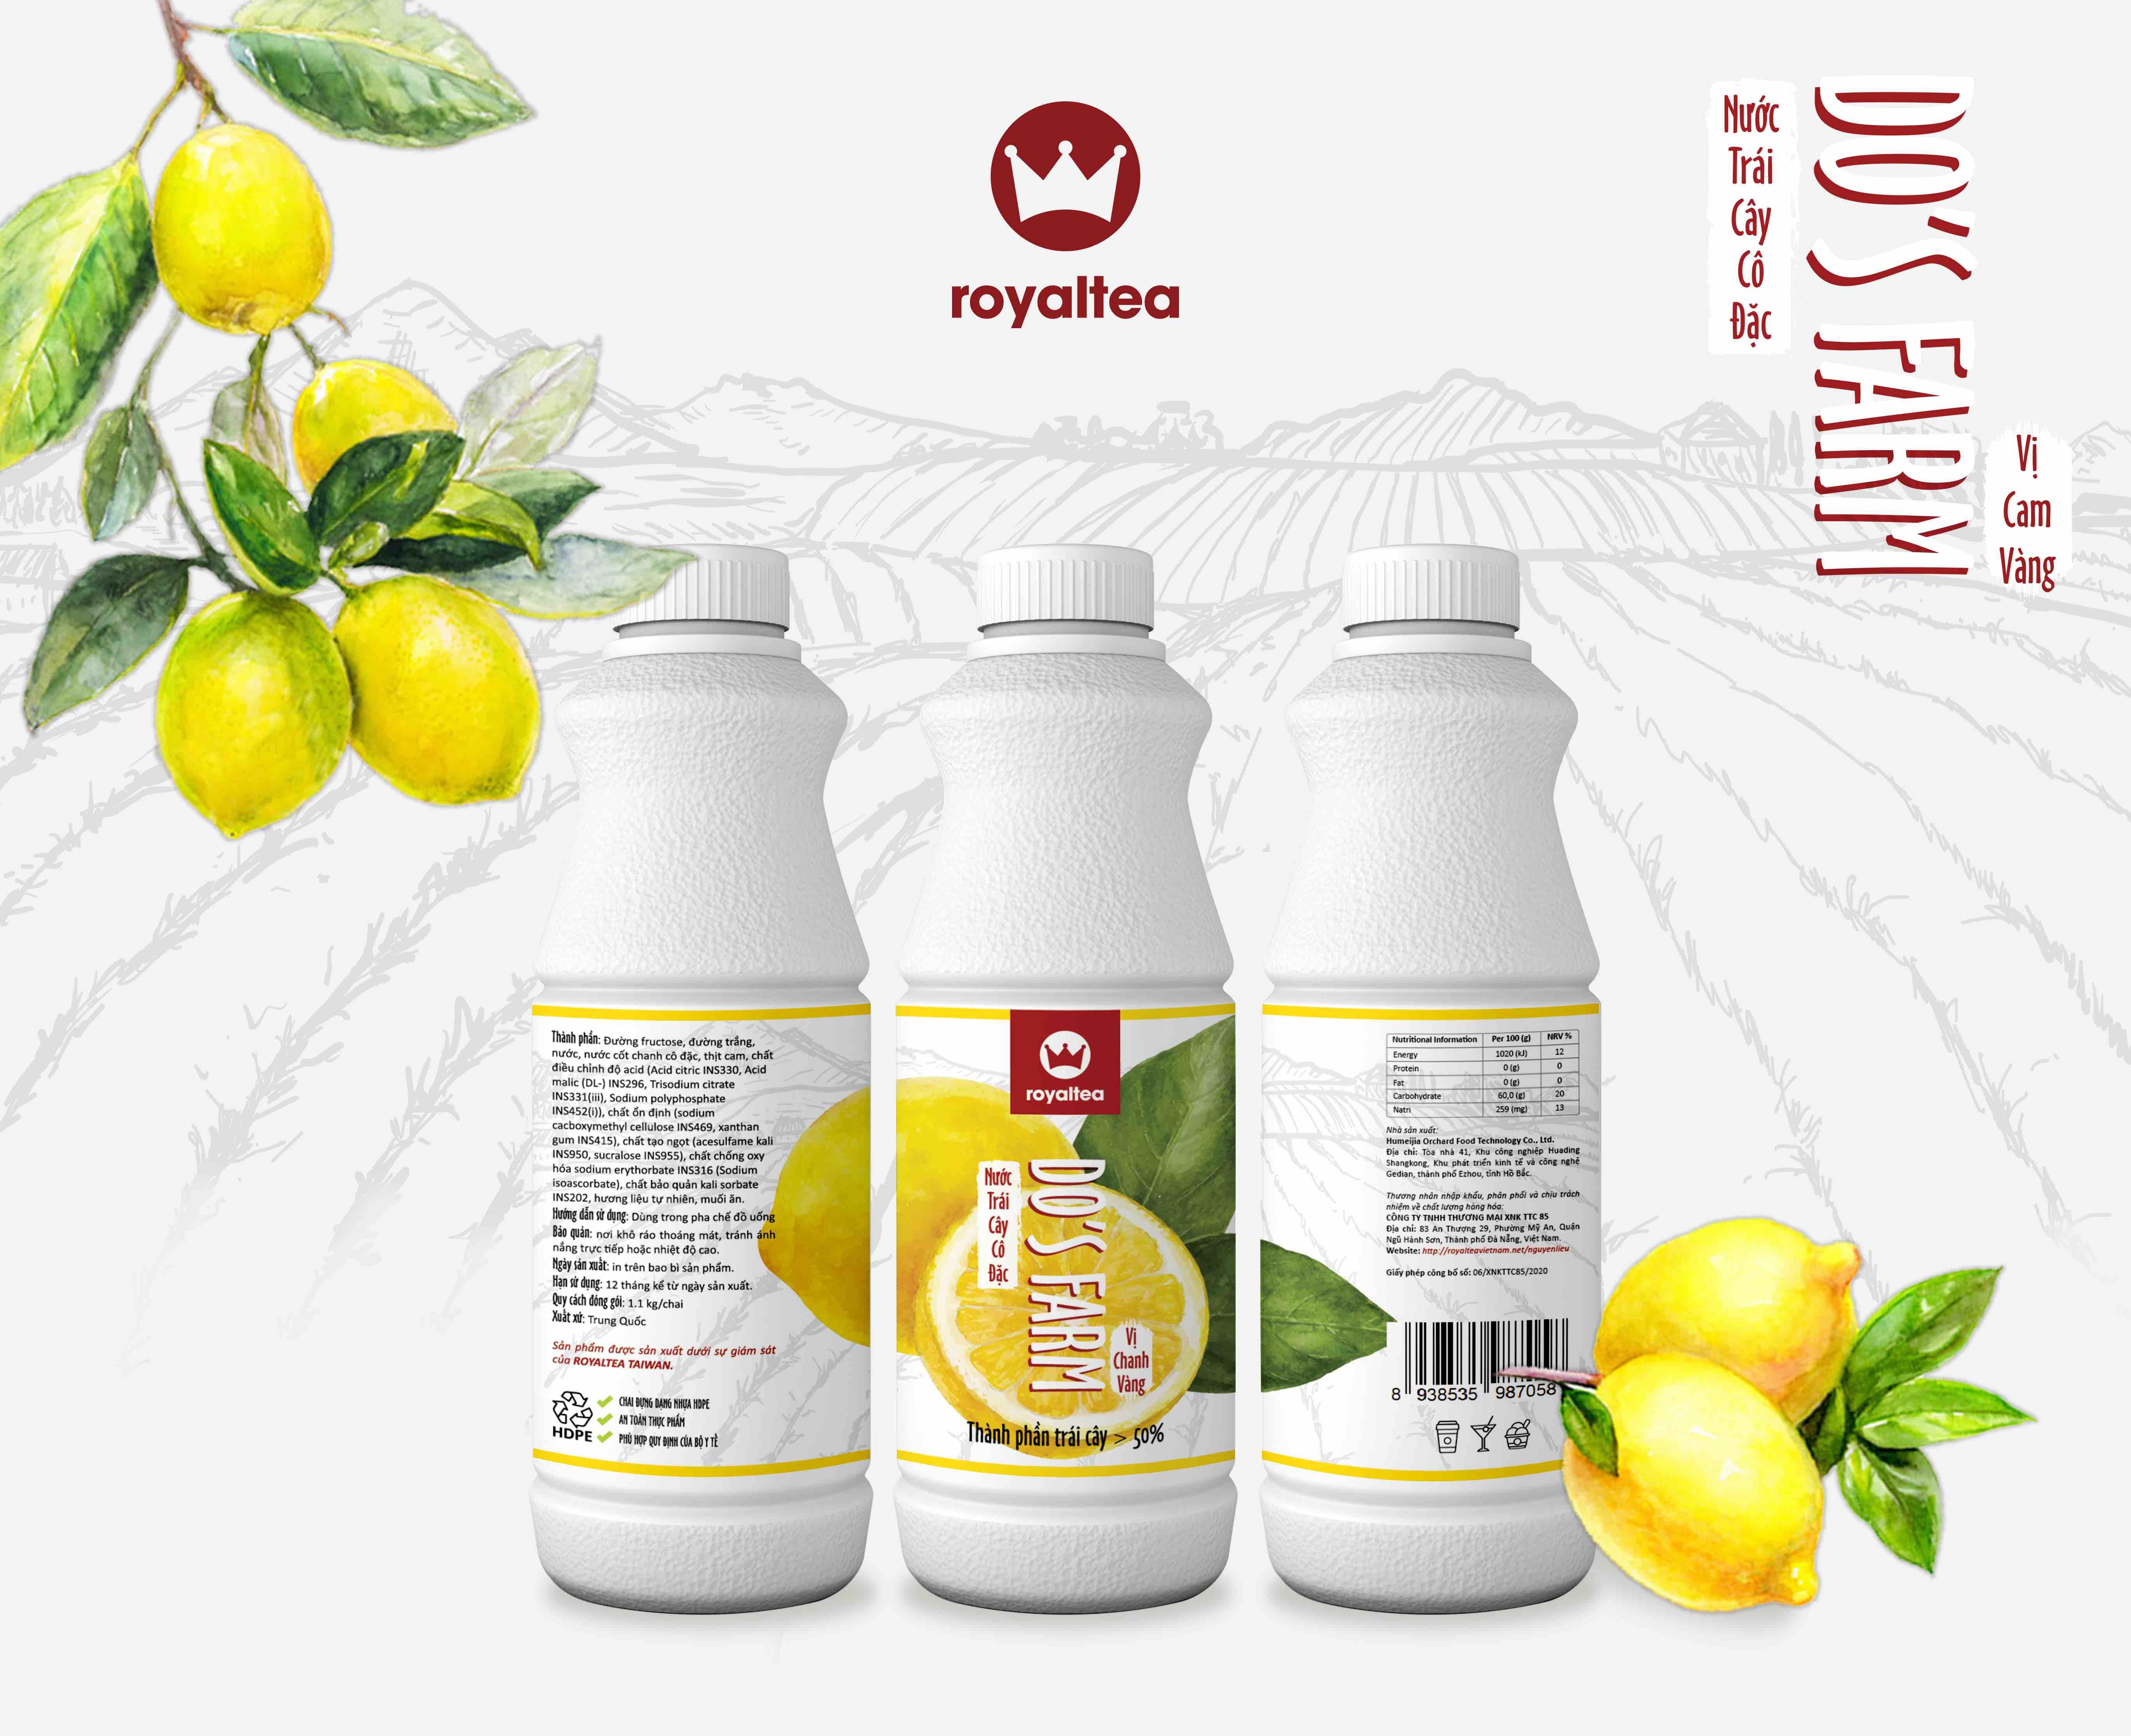 Nước trái cây cô đặc – vị  chanh – 190.000 VNĐ